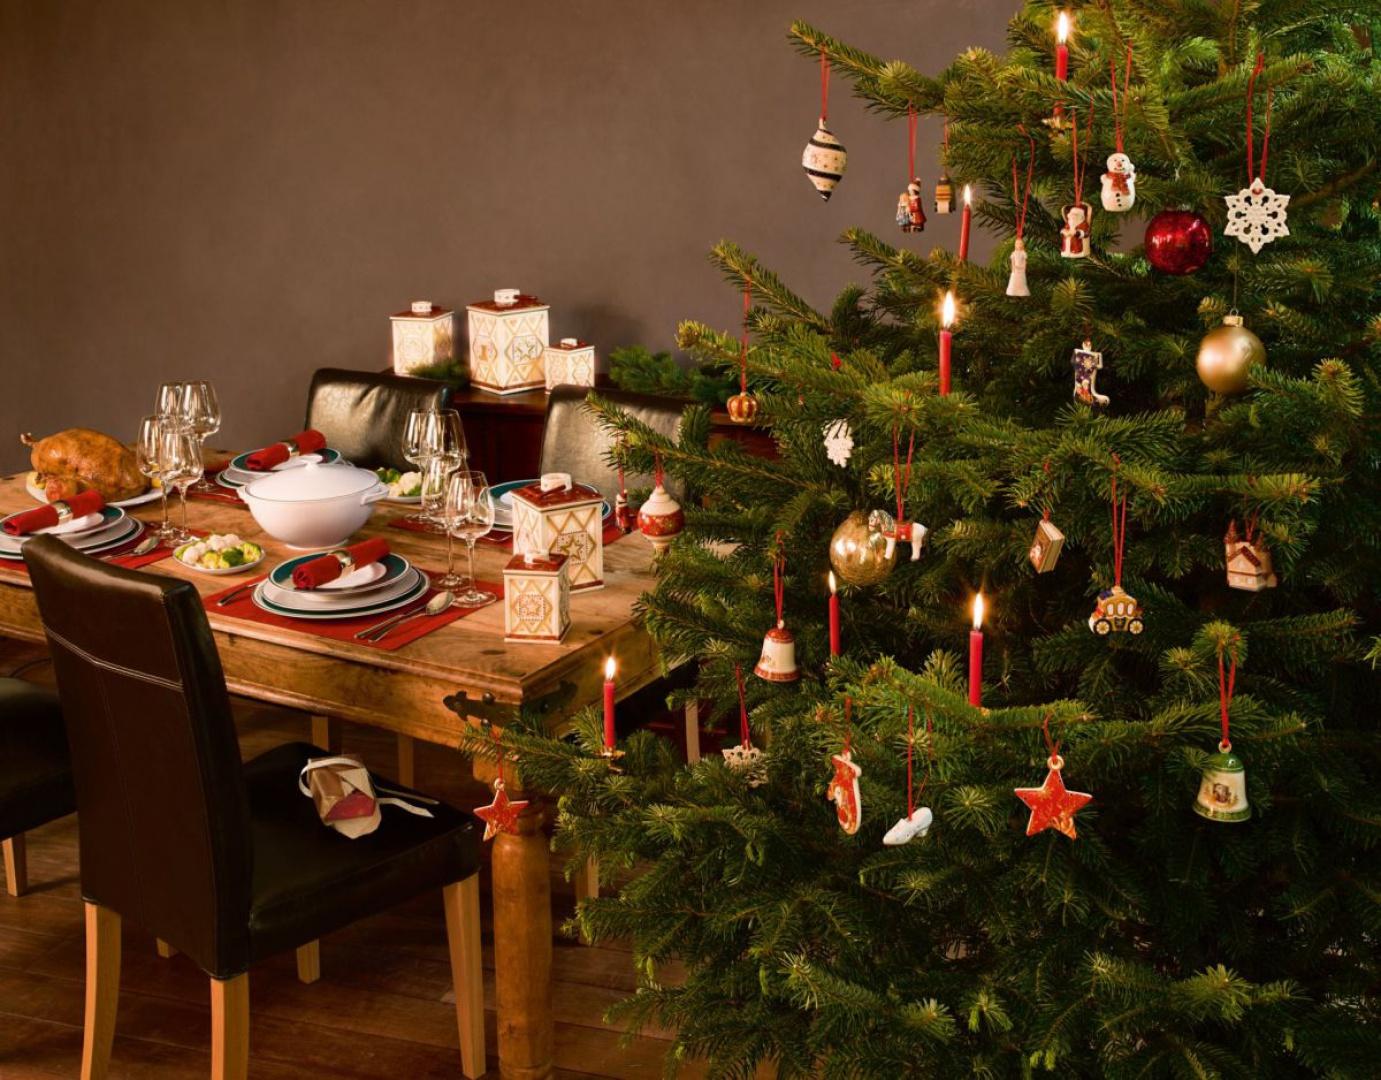 Czarujące zawieszki o przeróżnych kształtach zaczerpniętych z tradycyjnych motywów bożonarodzeniowych i bajkowych. Porcelanowe figurki przywołują nostalgiczne wspomnienia. Fot. Villeroy&Boch.